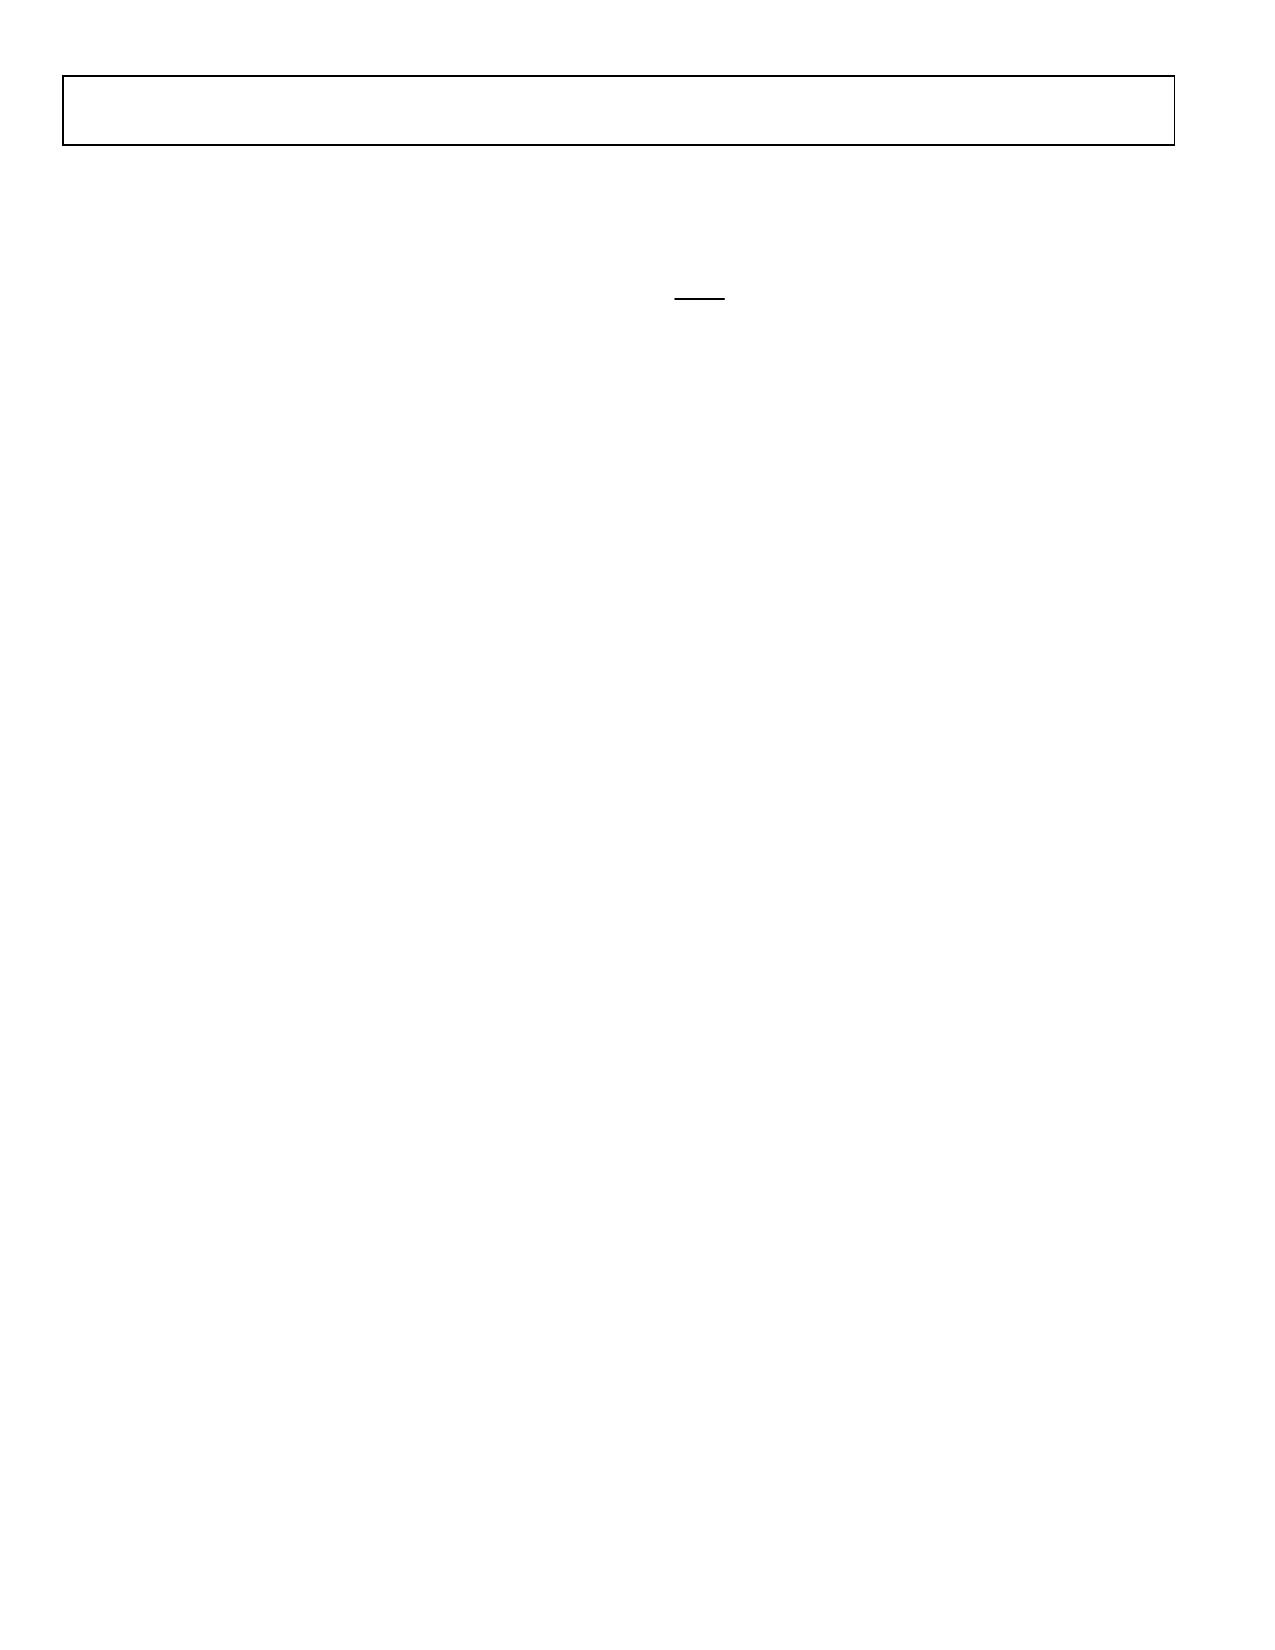 AD5664 Даташит, Описание, Даташиты